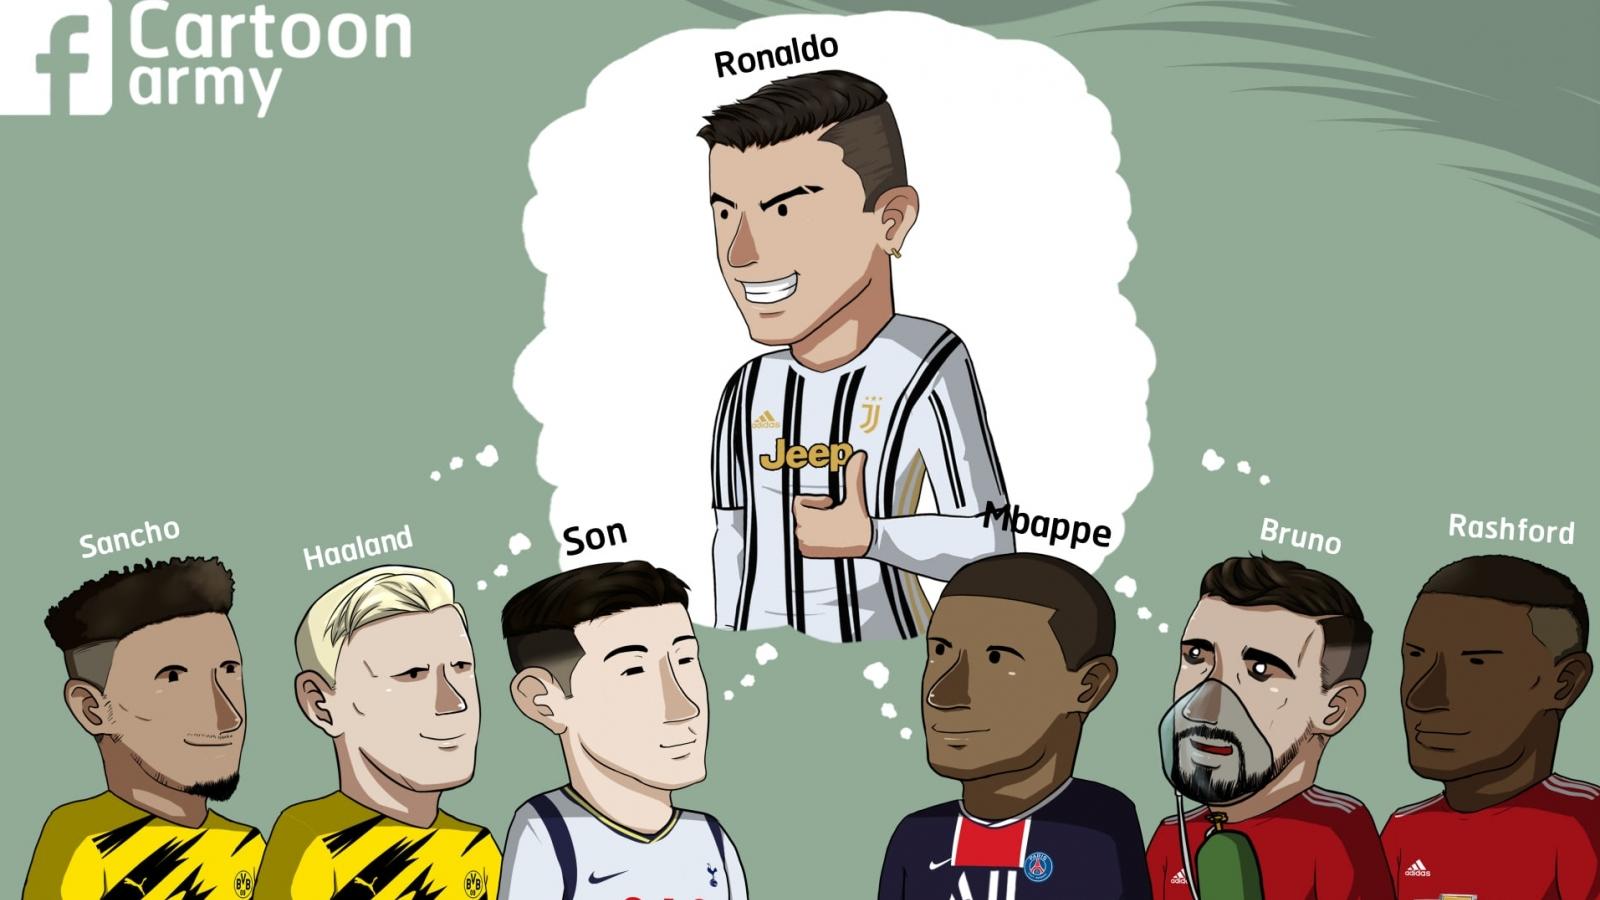 Biếm họa 24h: Ronaldo là thần tượng của nhiều sao trẻ